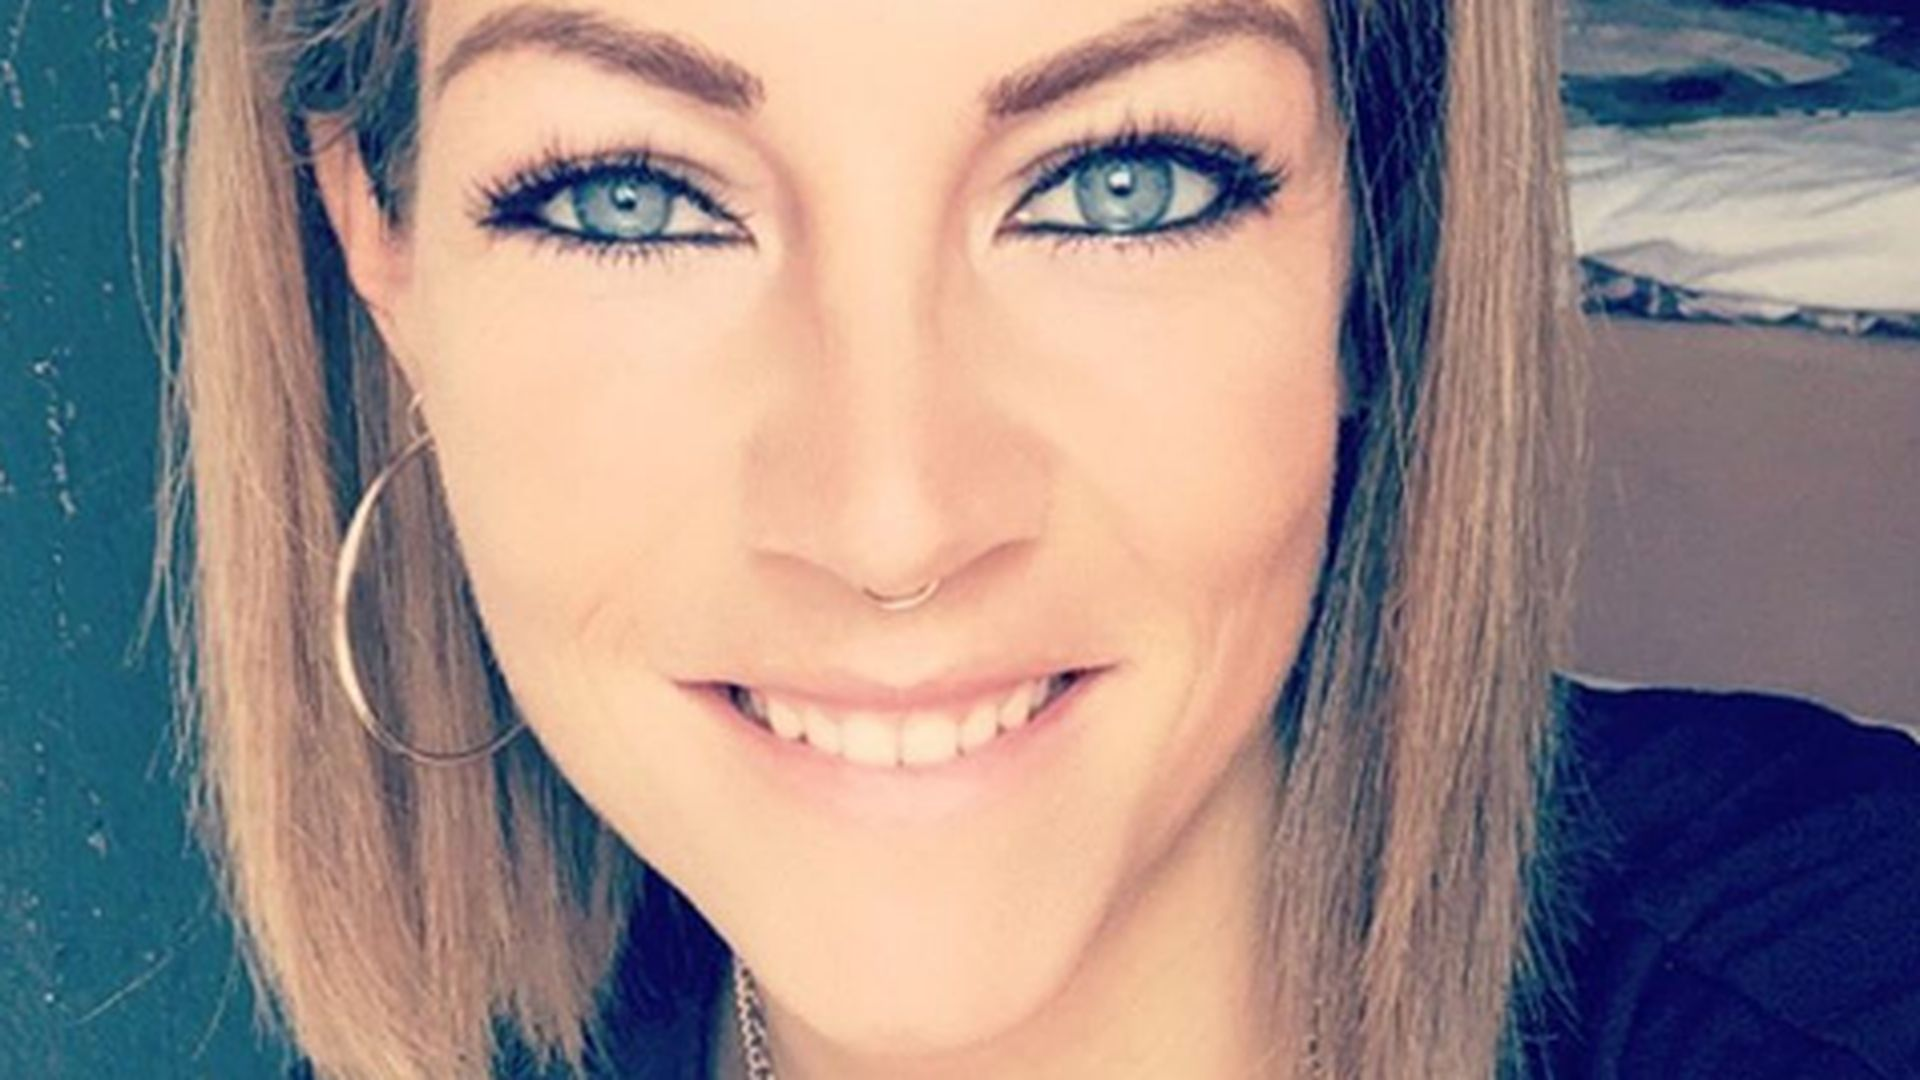 Ex-BTN-Saskia Beecks getrennt: Meine Ex war ein Arschloch